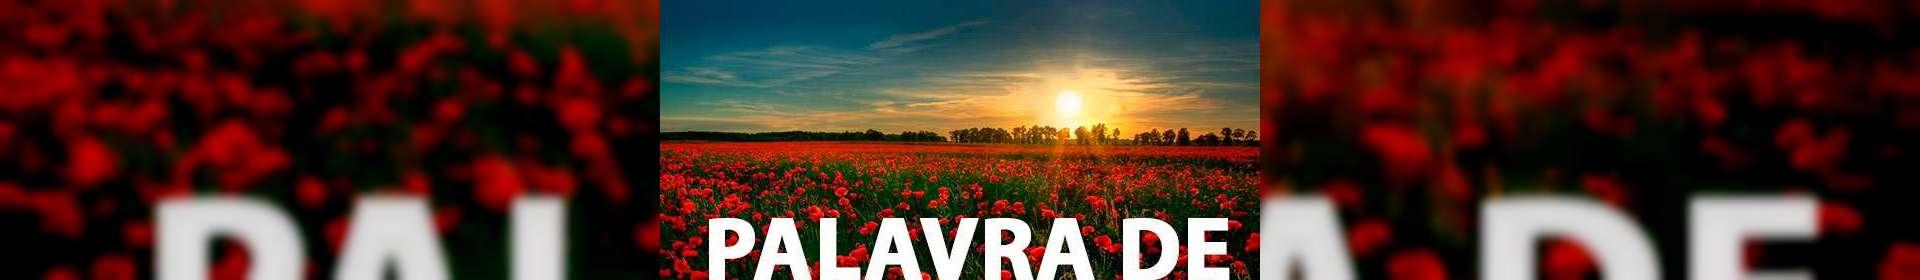 Colossenses 1:3,4,7,8 - Uma Palavra de Esperança para sua vida